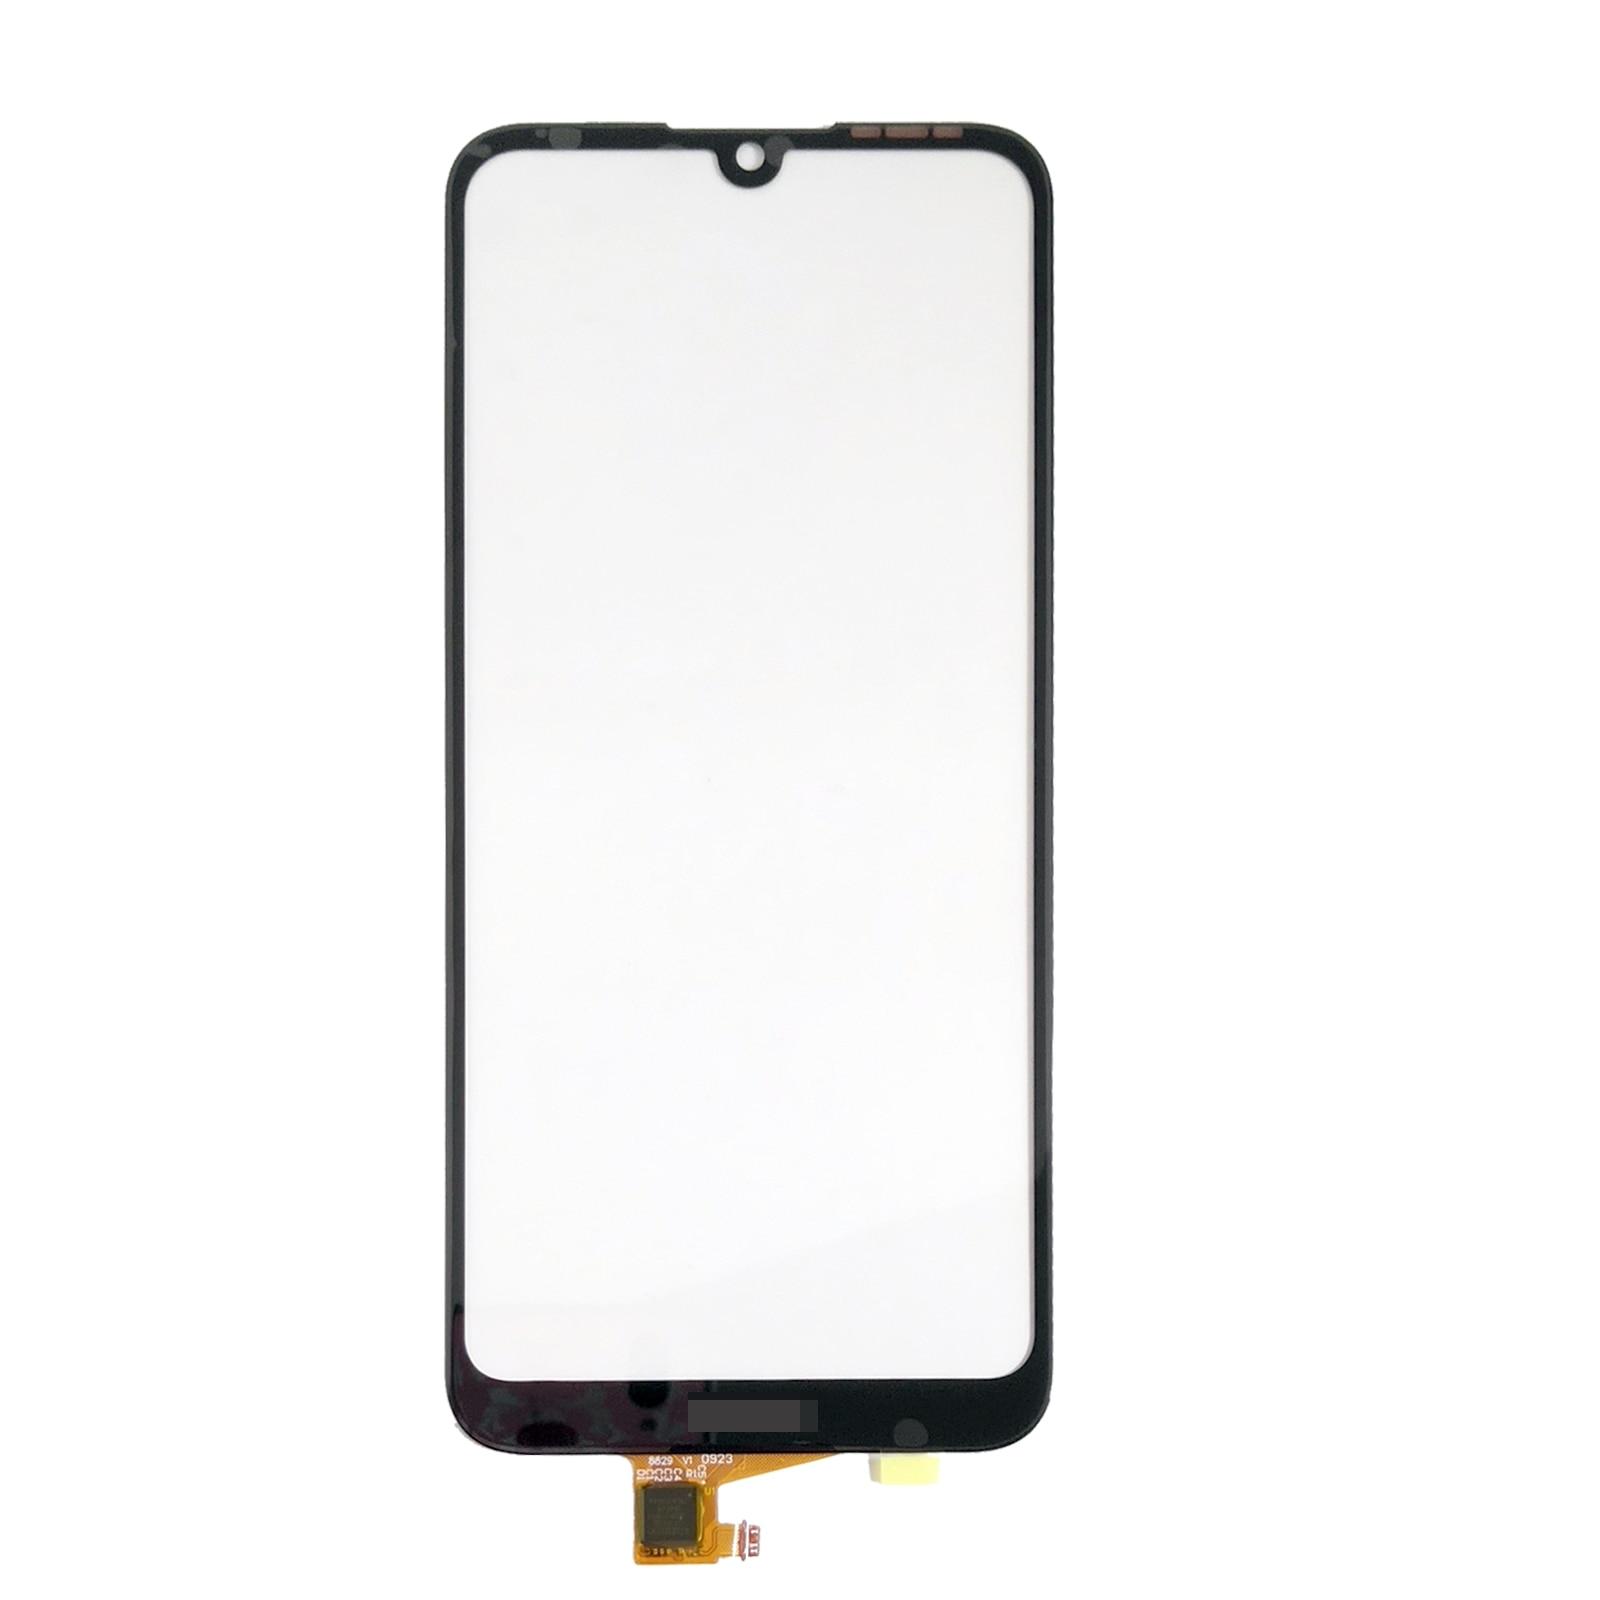 """רשימת הקטגוריות Shyueda 100% בניו 6.09"""" עבור Huawei Y6 / ראש Y6 2019 MRD-LX1 LX1F Outer קדמי מסך זכוכית Touch (2)"""